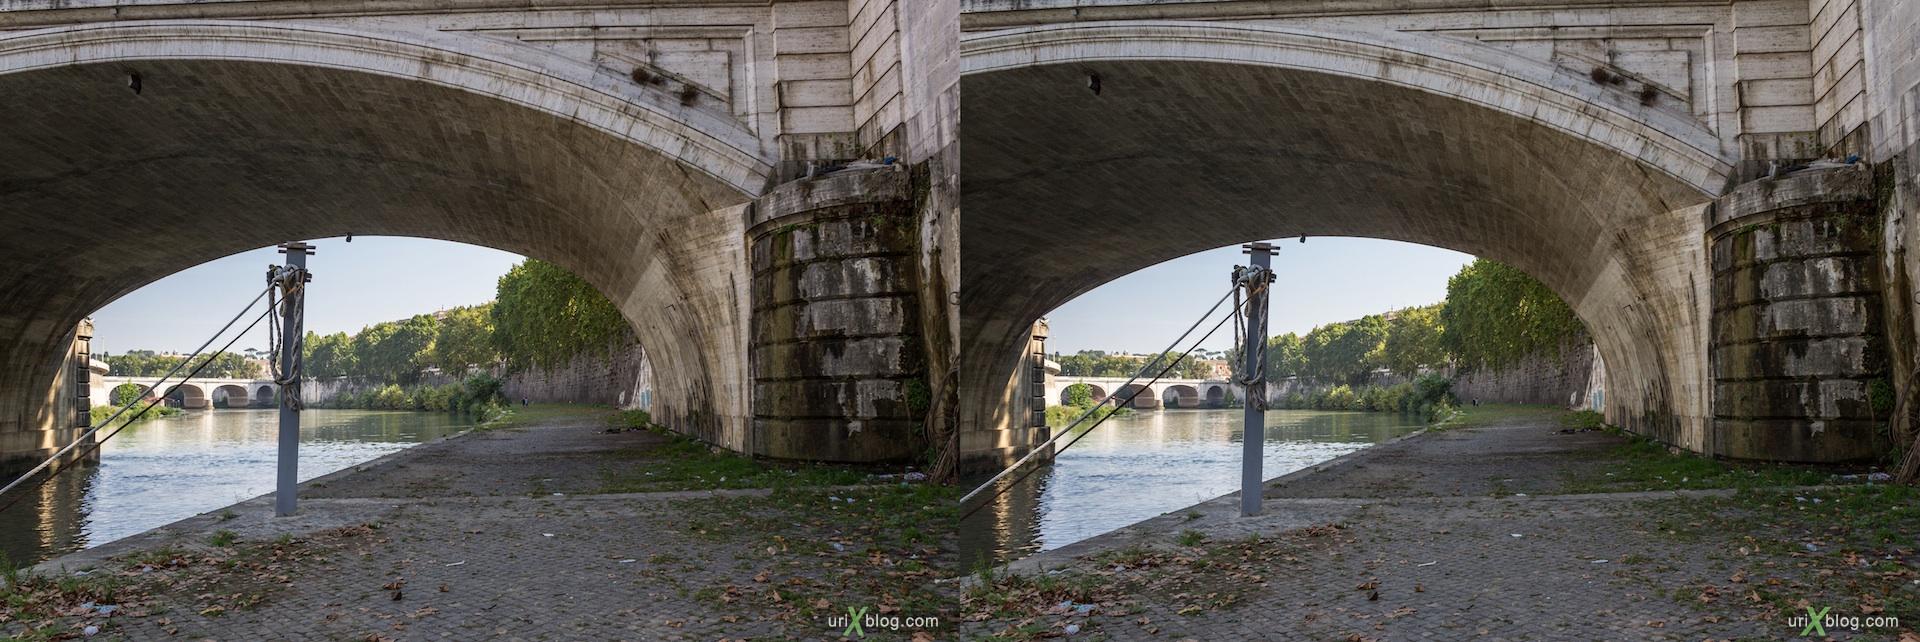 2012, набережная, мост Умберто первого, Рим, Италия, осень, 3D, перекрёстные стереопары, стерео, стереопара, стереопары